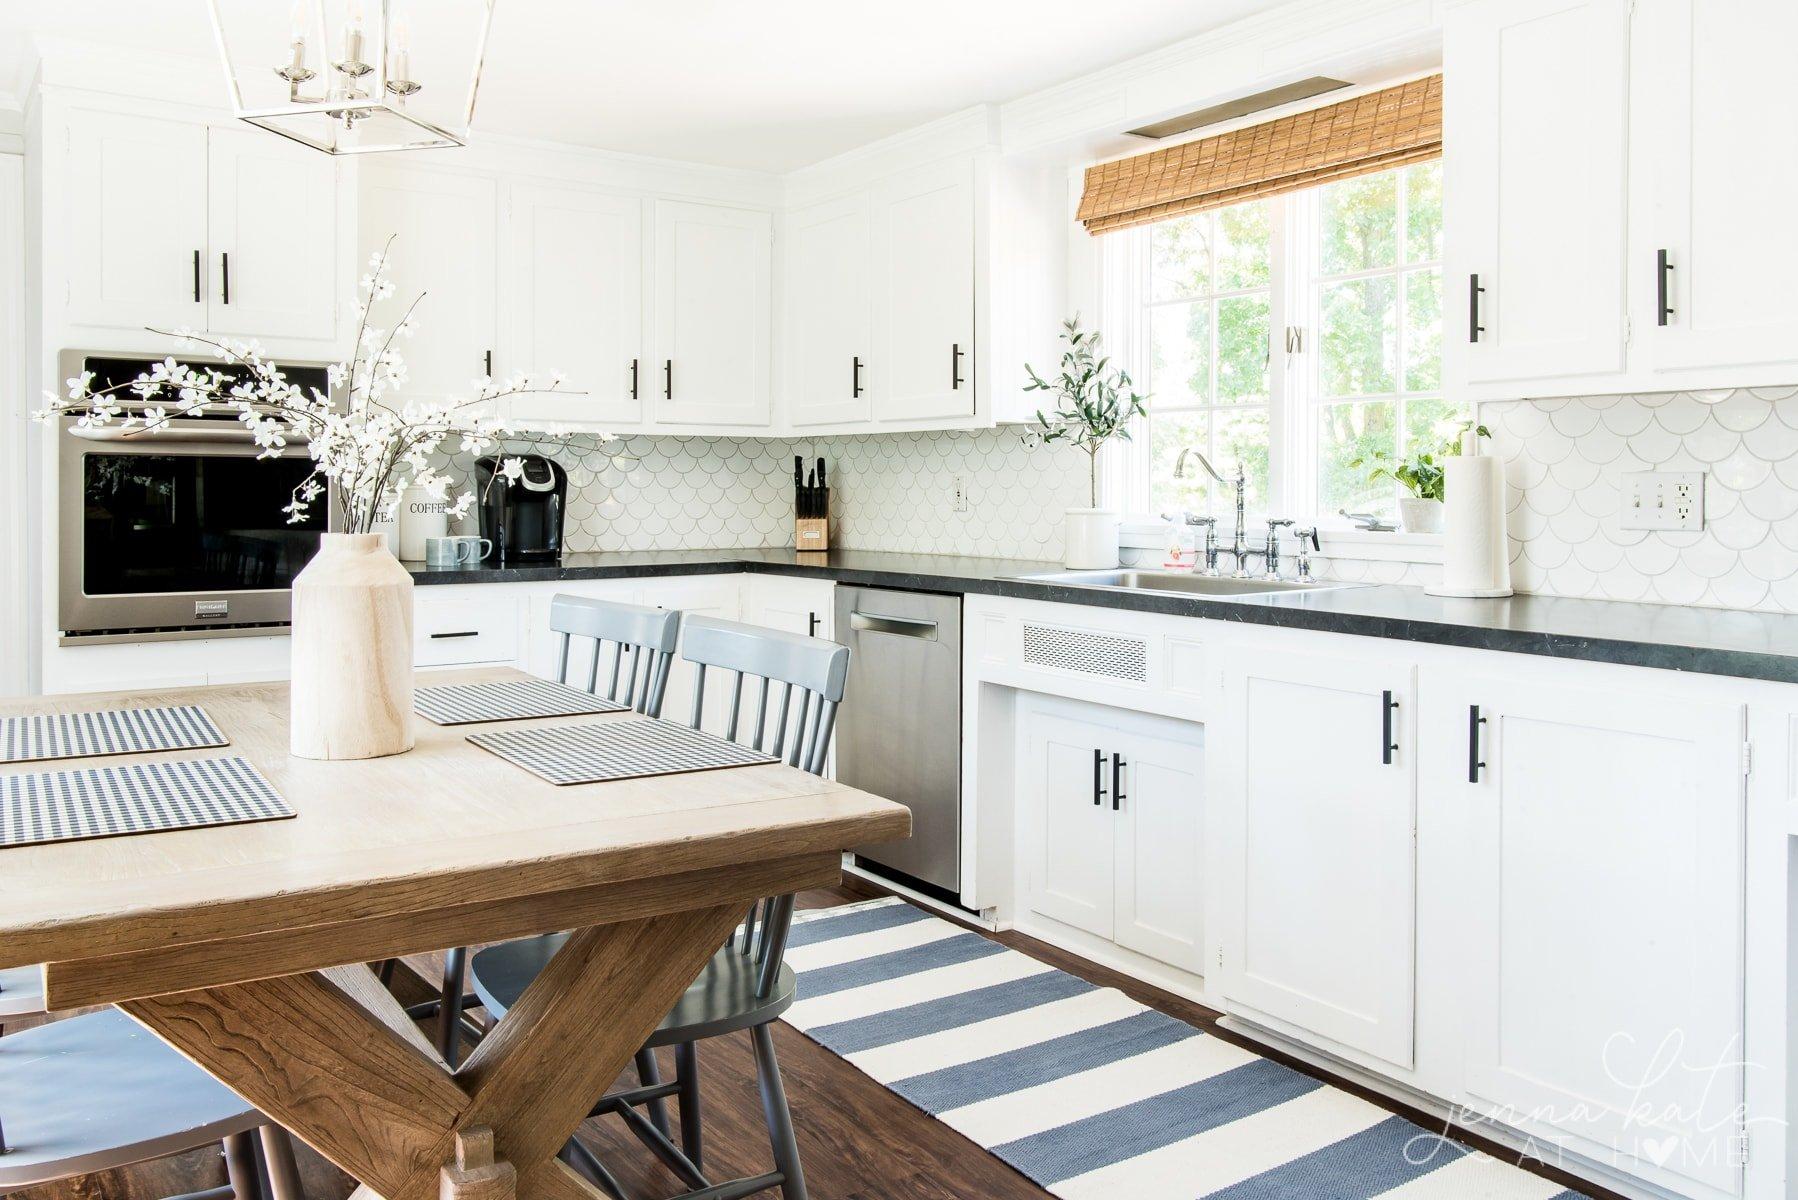 Kitchen with flat black kitchen hardware